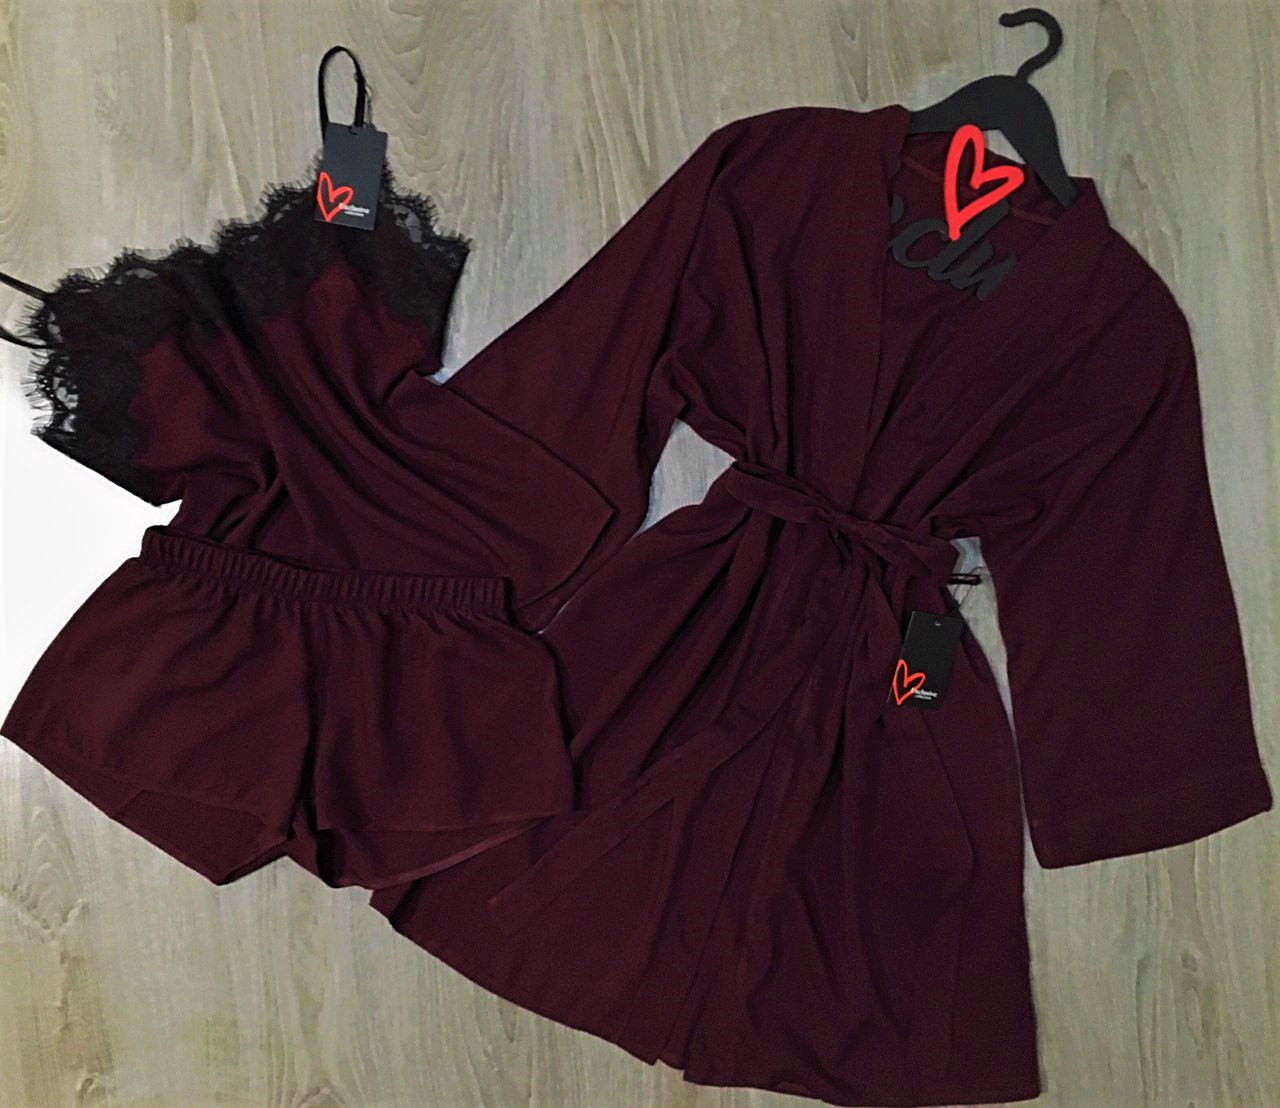 f0319340bad705b Вишневый комплект для дома из штапеля-халат+пижама с кружевом. - Оптовый  интернет